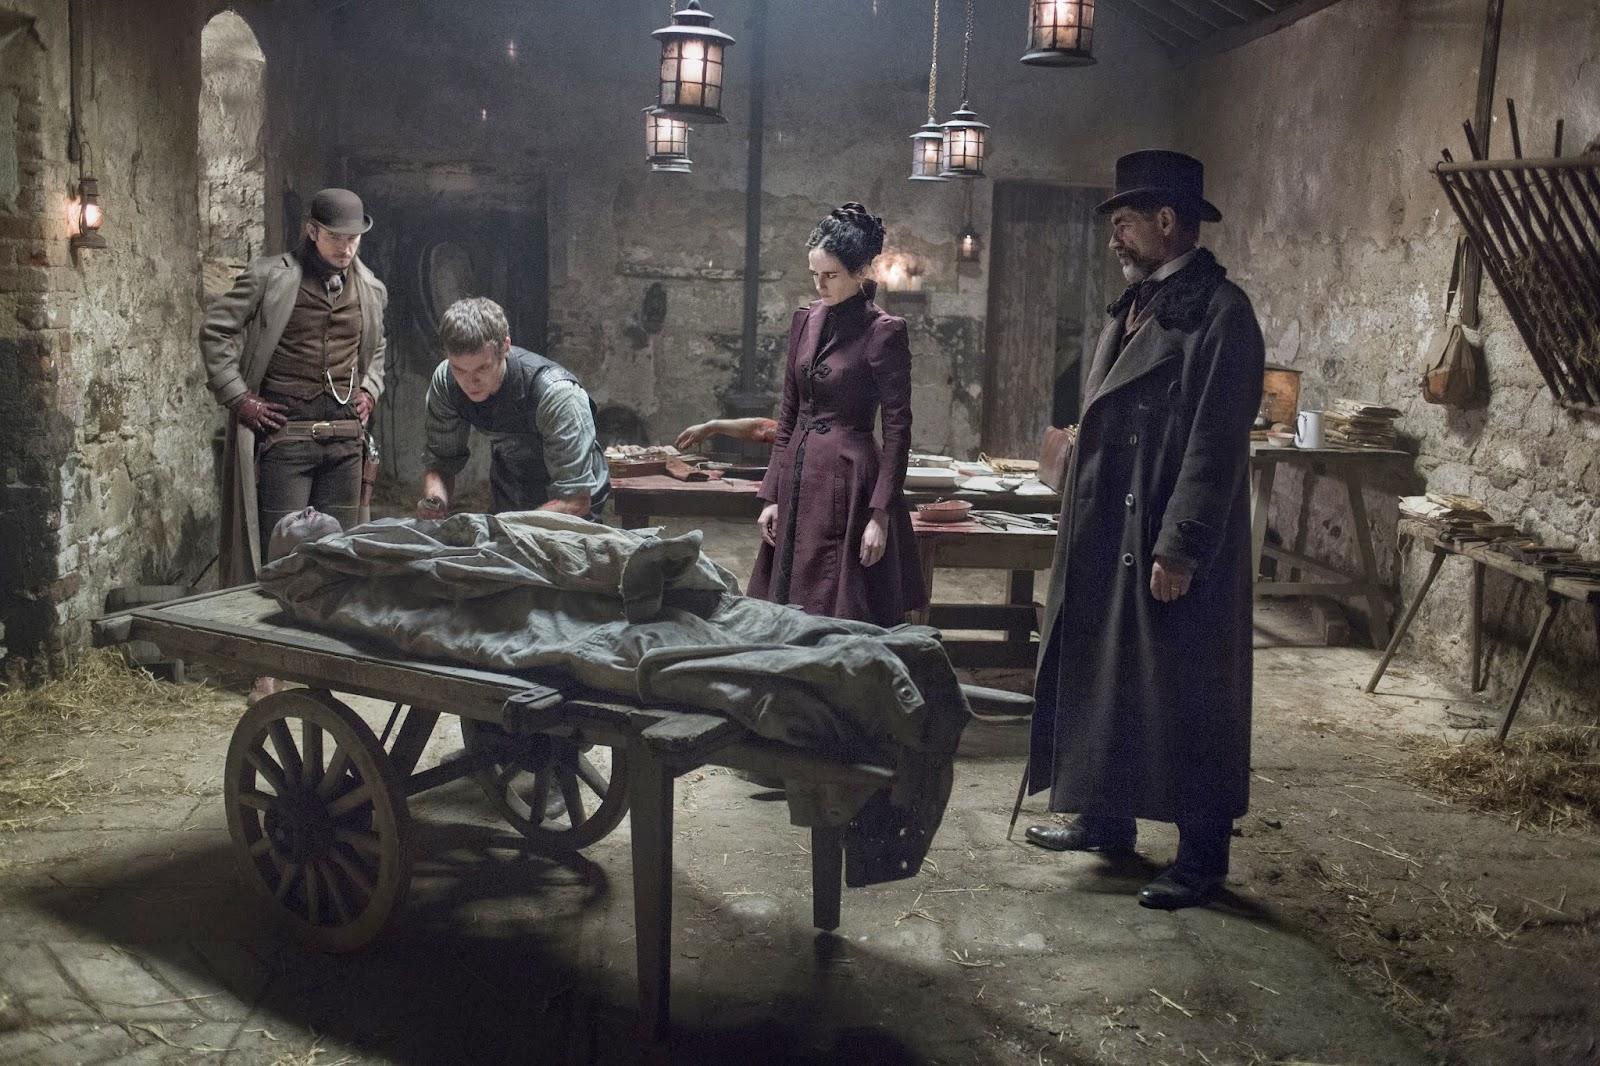 penny dreadful, vampiros, victoriano, John logan, el zorro con gafas, harru treadaway